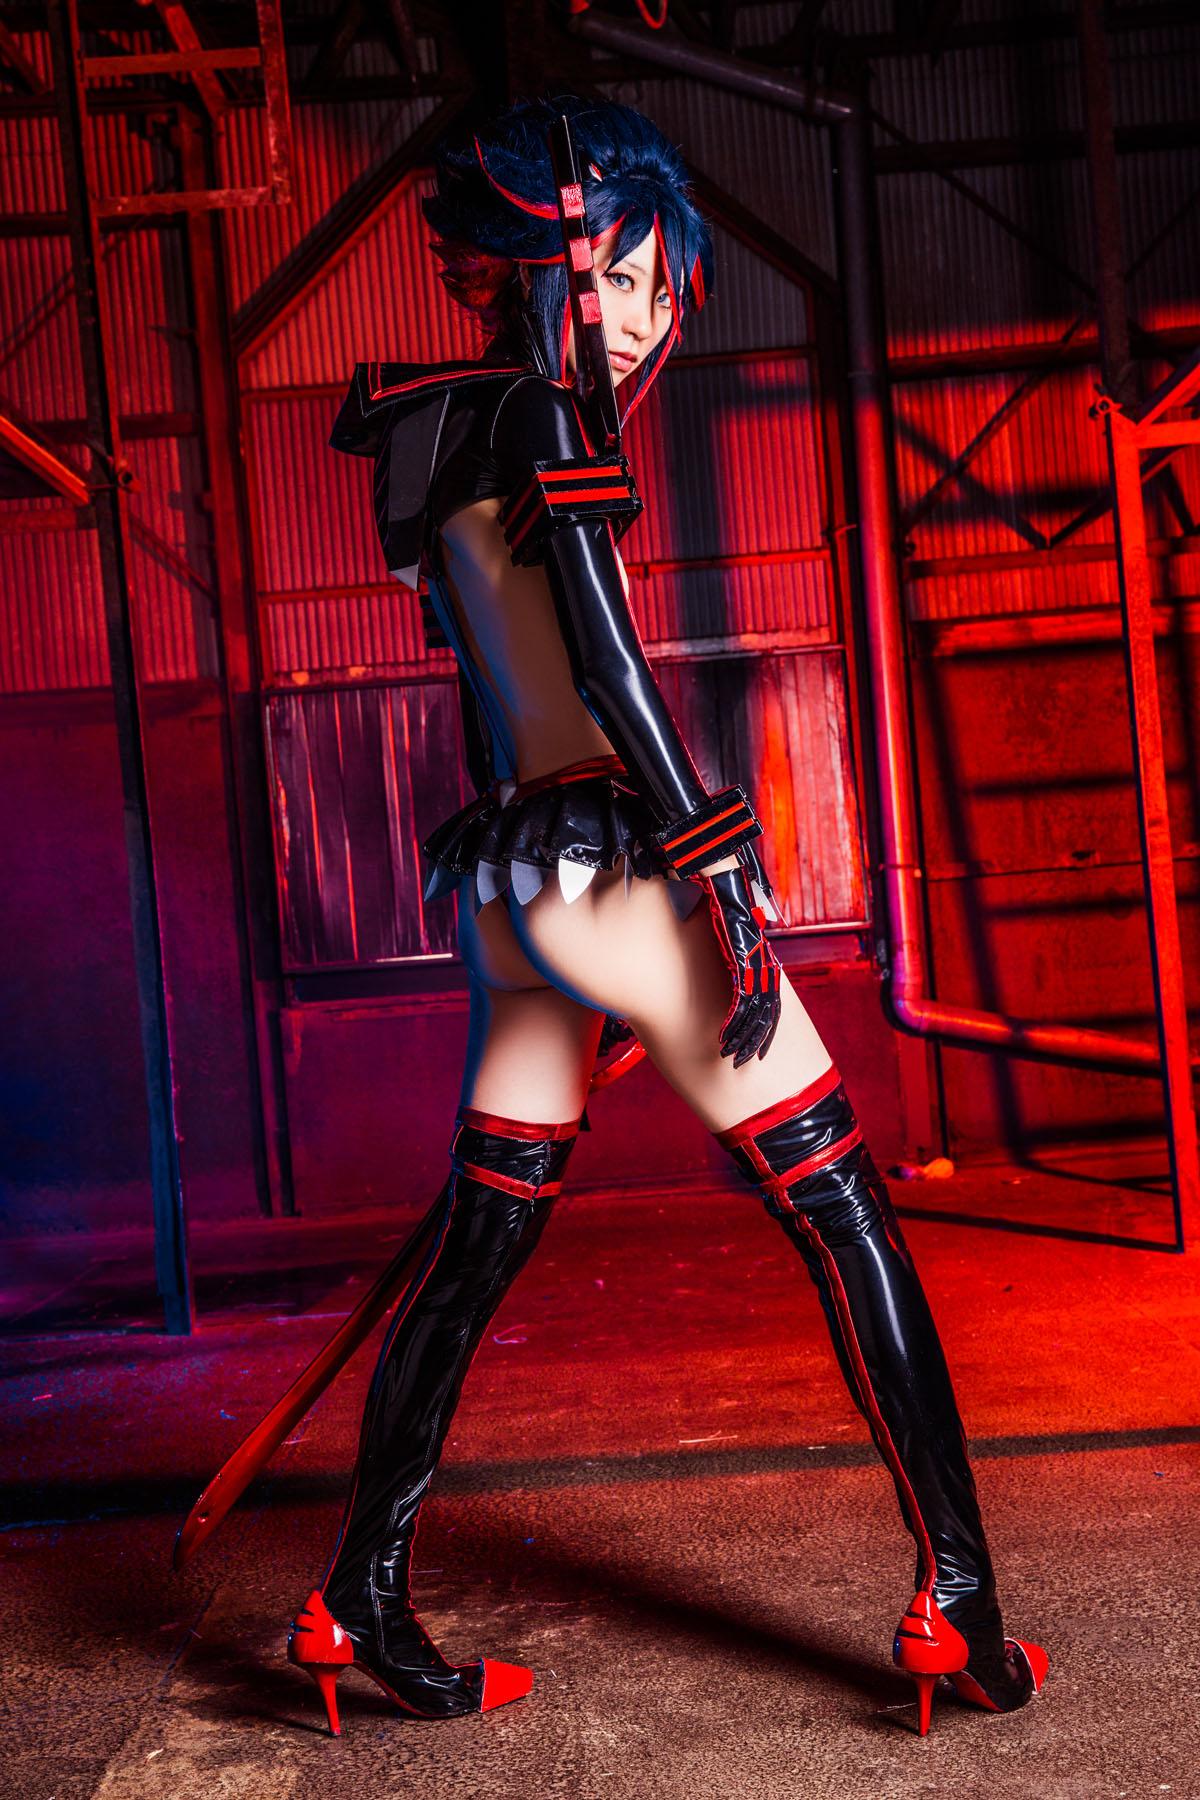 Kill la Kill Ryuuko Matoi anime cosplay by Mikehouse 0069